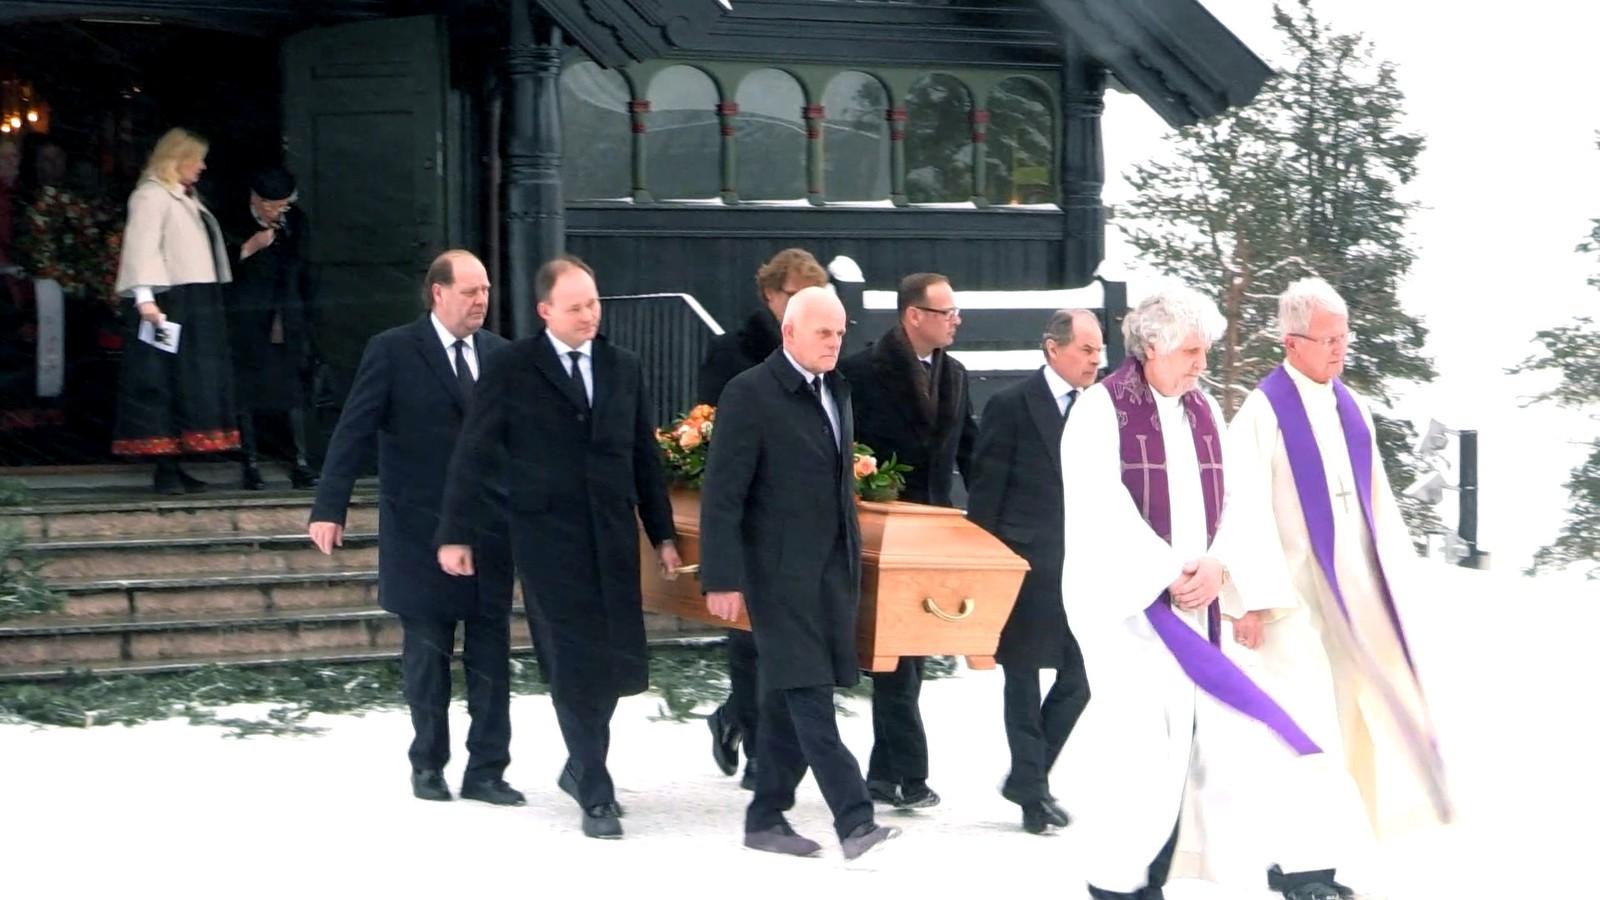 MISTA EKTEMANNEN: I 2015 gjekk Johan Martin Ferner bort. Prinsesse Astrid tok farvel med sin ektemann i Holmekollen kapell. Sønene Carl-Christian Ferner og Alexander Ferner var med og bar kista ut av kyrkja.